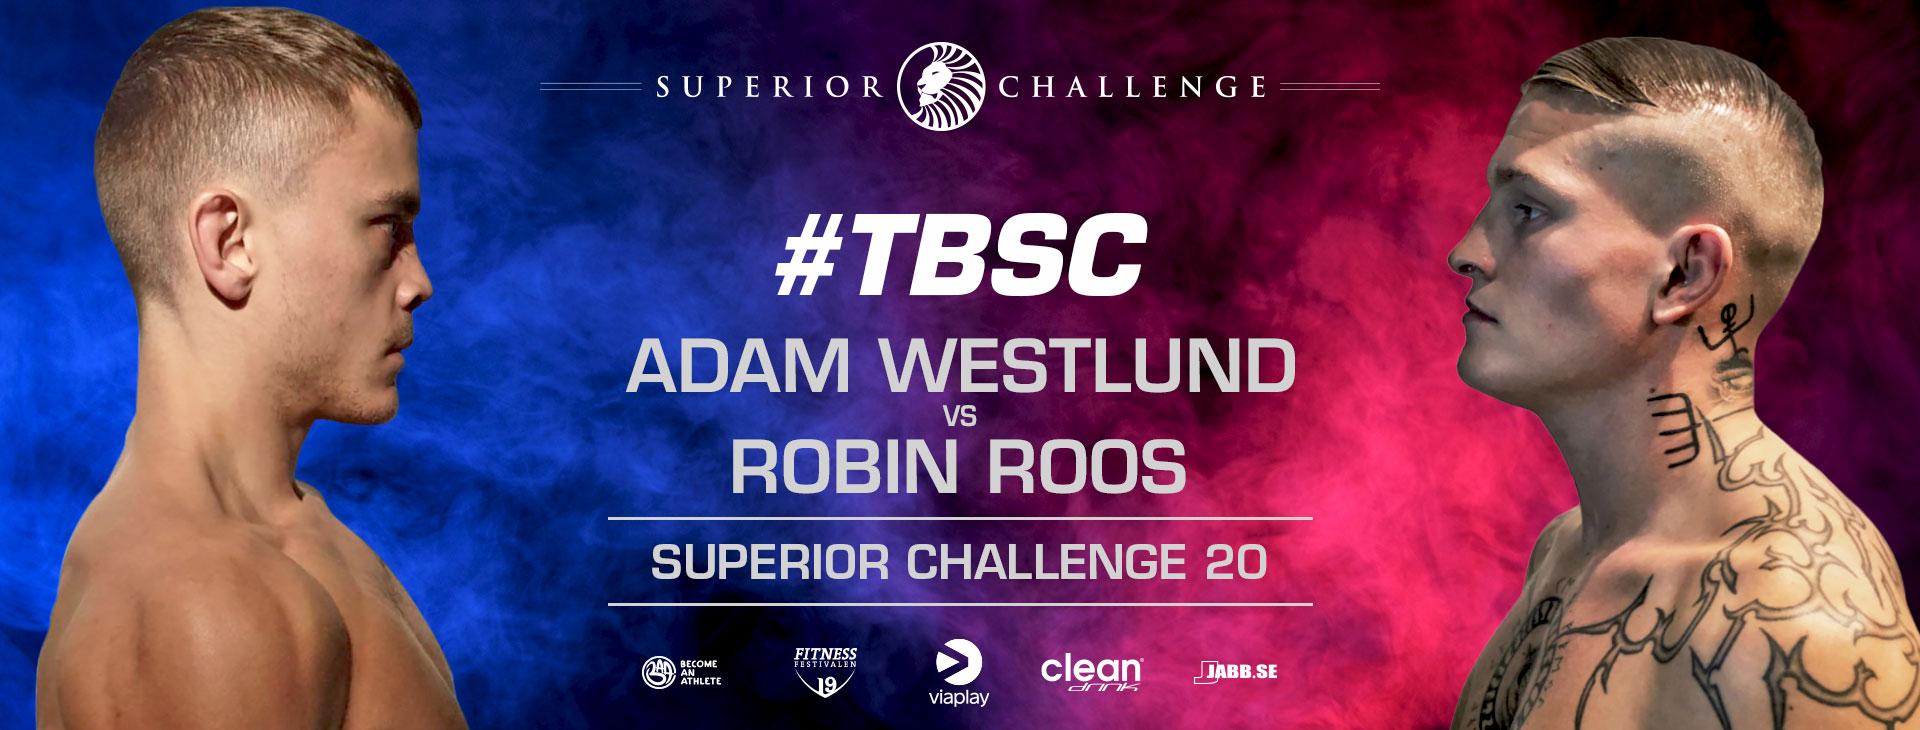 Adam Westlund vs Robin Roos Superior Challenge 20